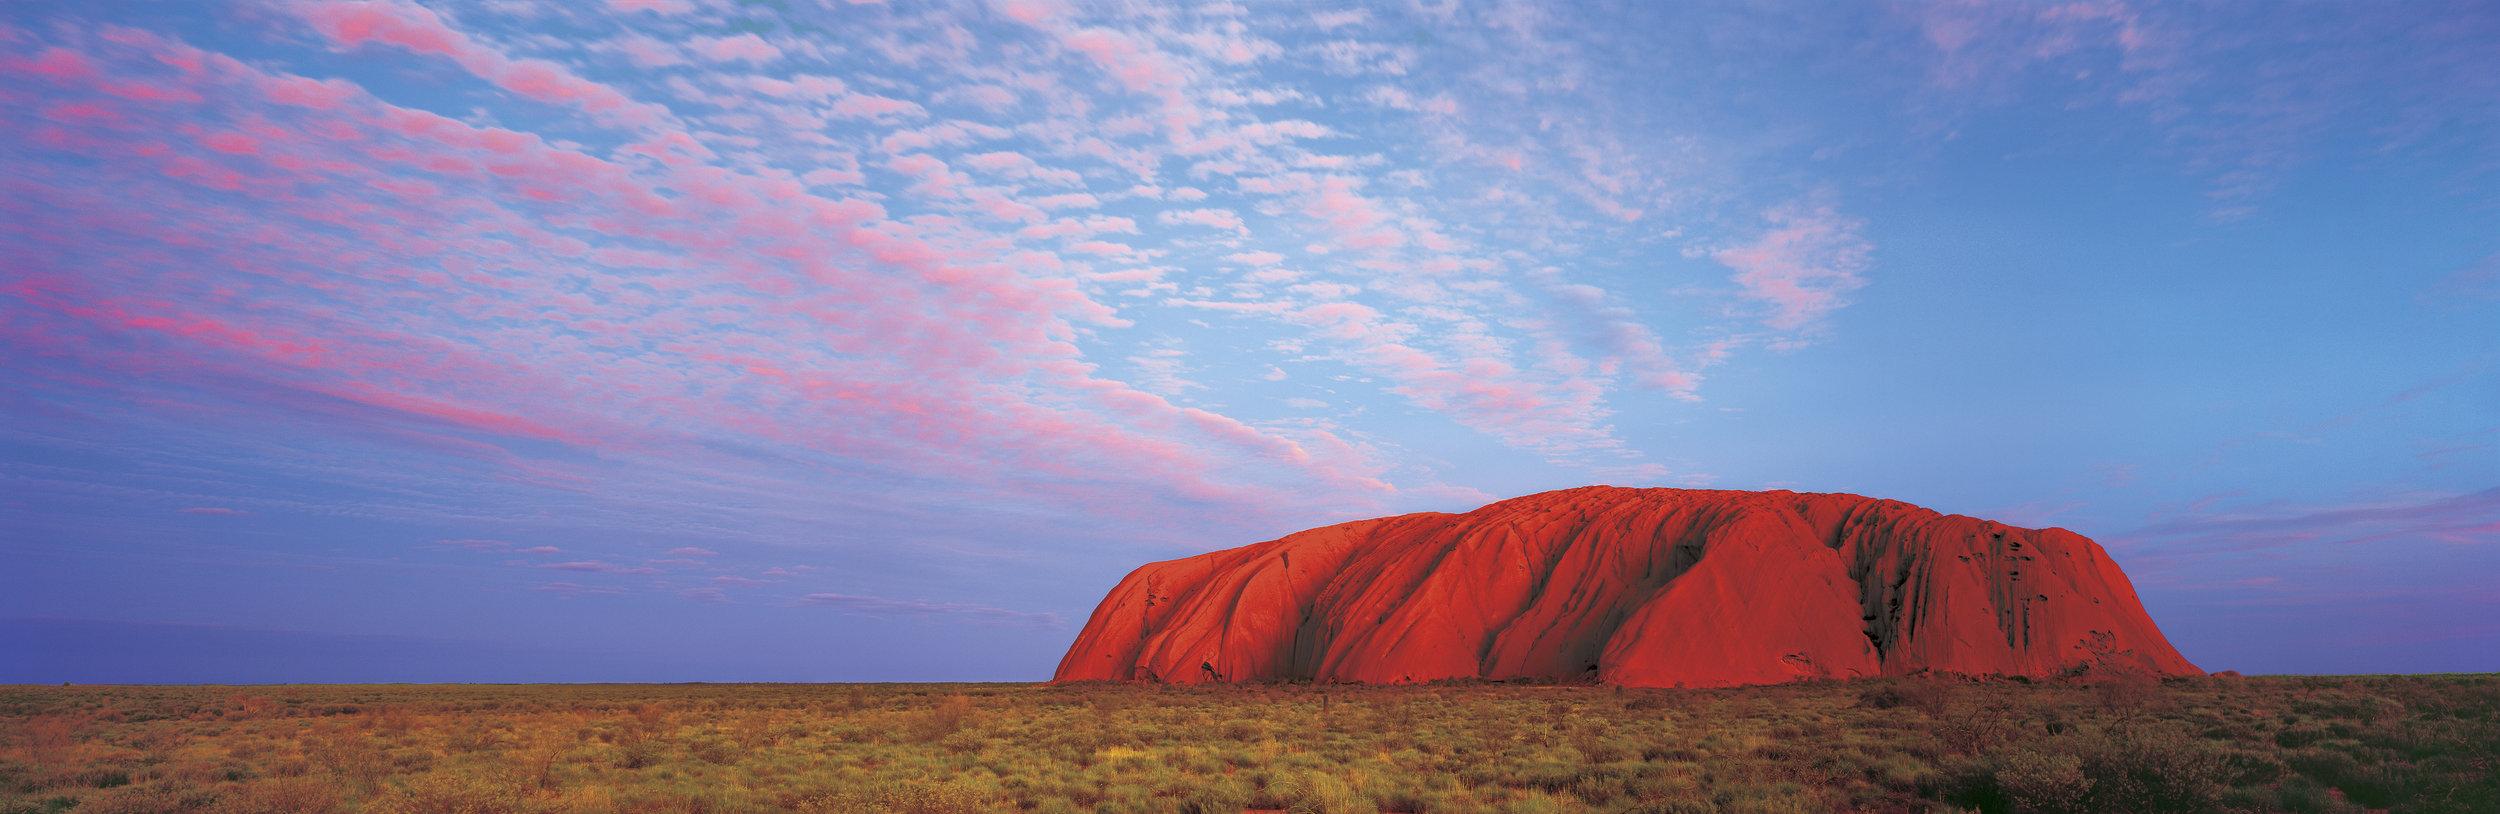 Uluru_NTX532.jpg